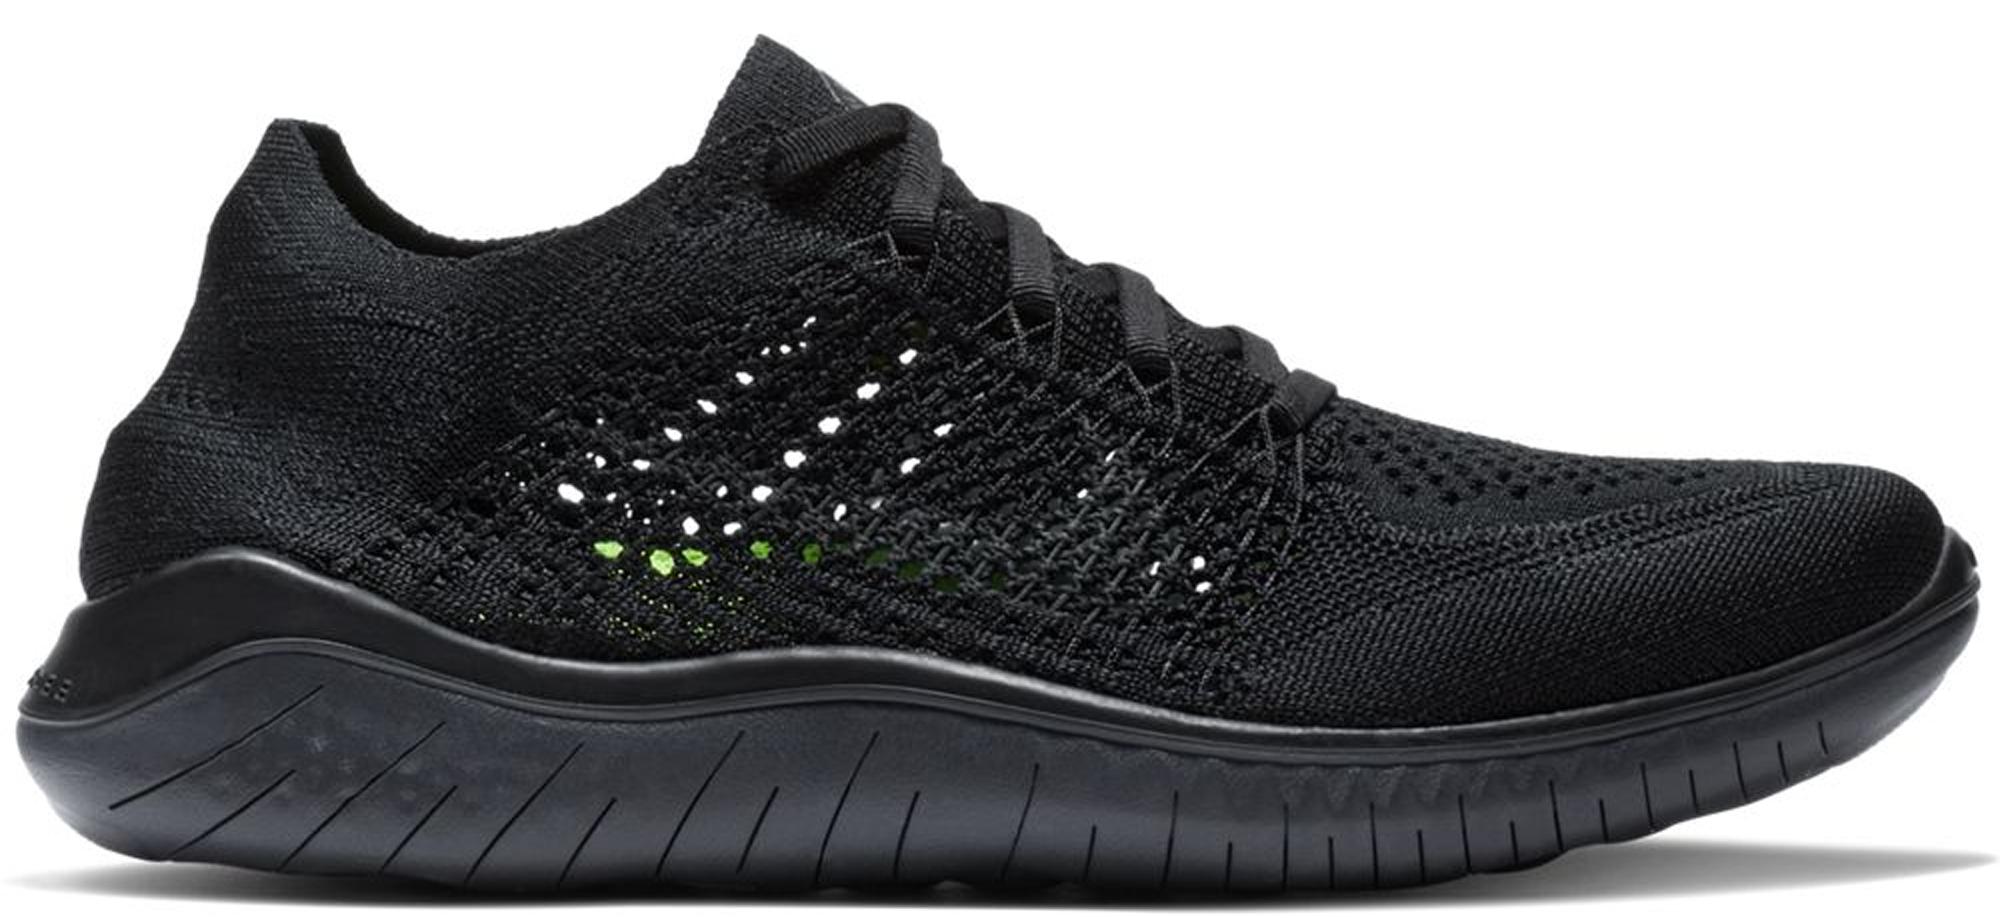 Nike Free RN Flyknit 2018 Black